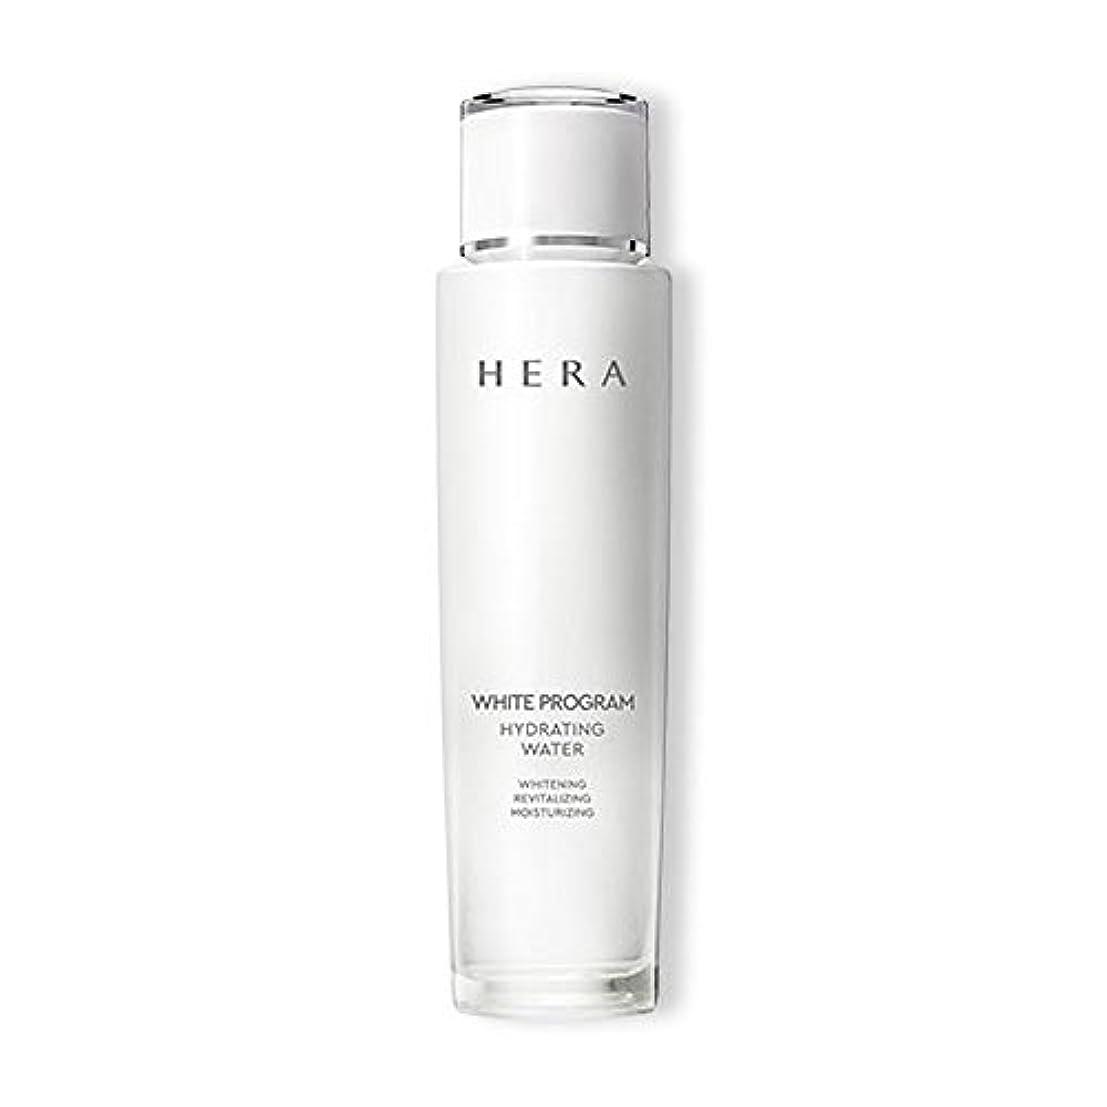 はさみ背景基礎HERA(ヘラ) ホワイトプログラムハイドロレイティングウォーター(化粧水)150ml